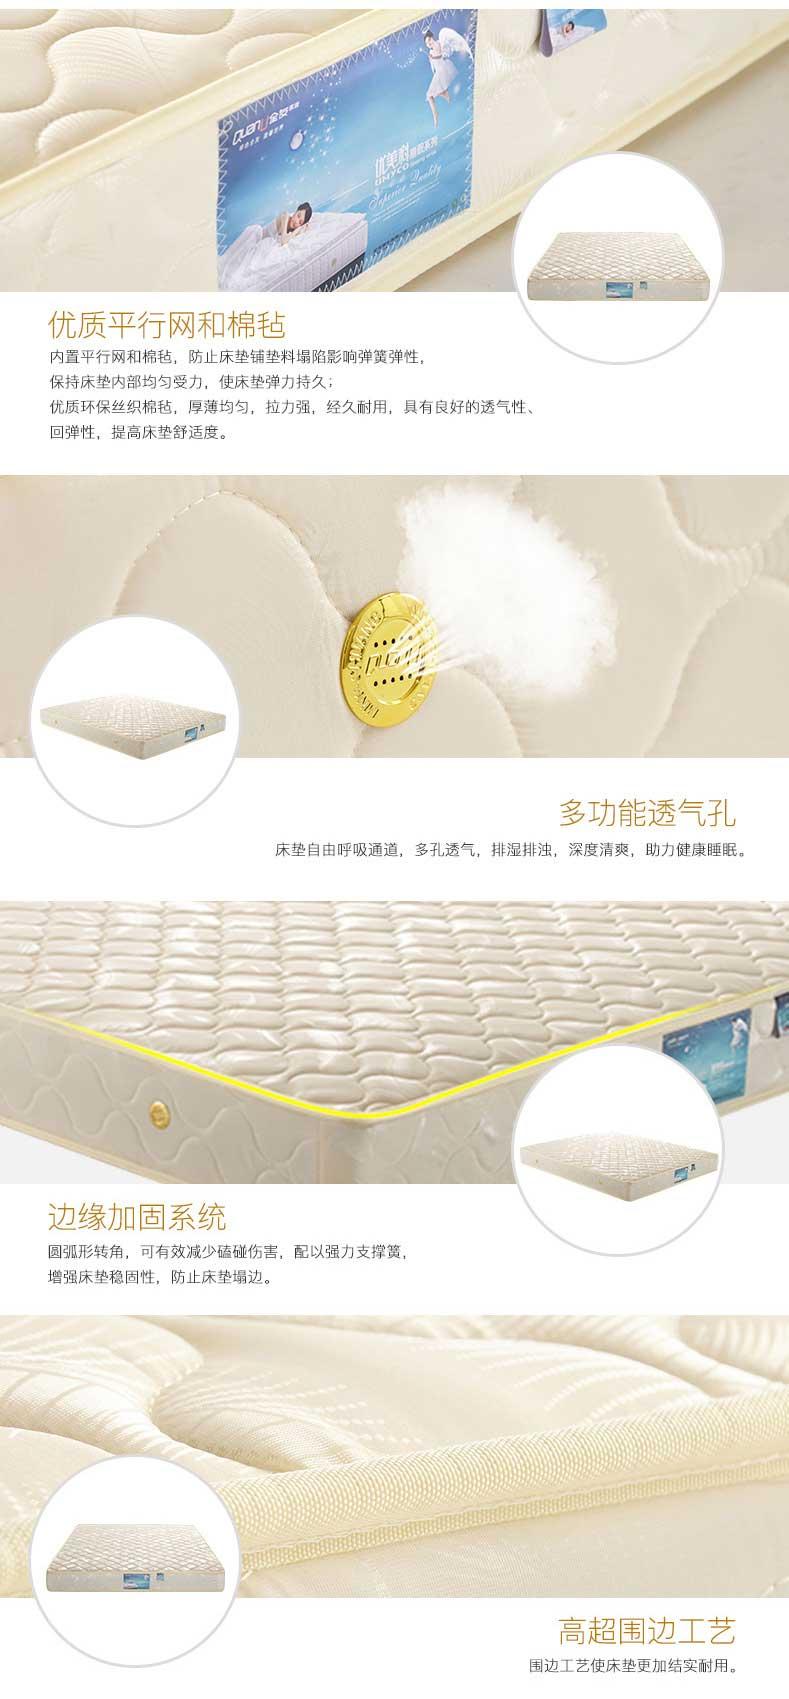 全友家私-现代简约卧室板式双人床1_12.jpg